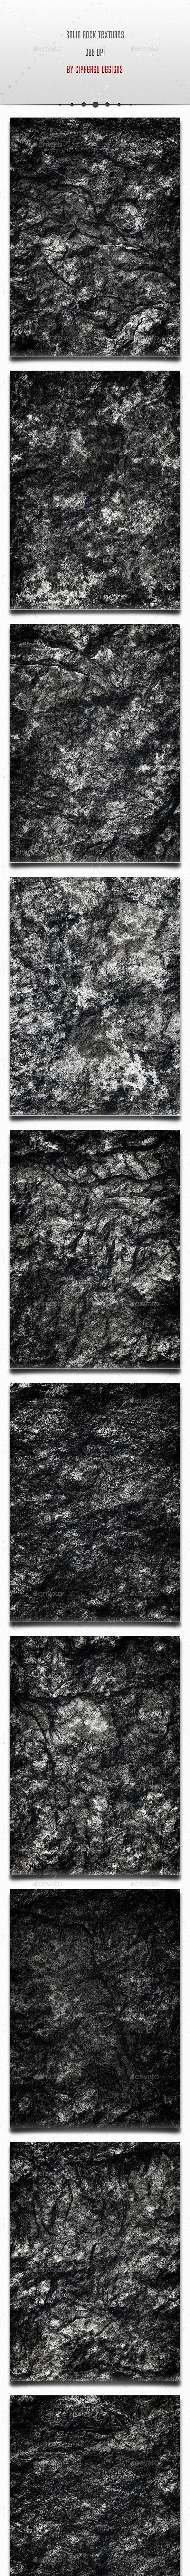 Solid Rock Textures - Stone Textures